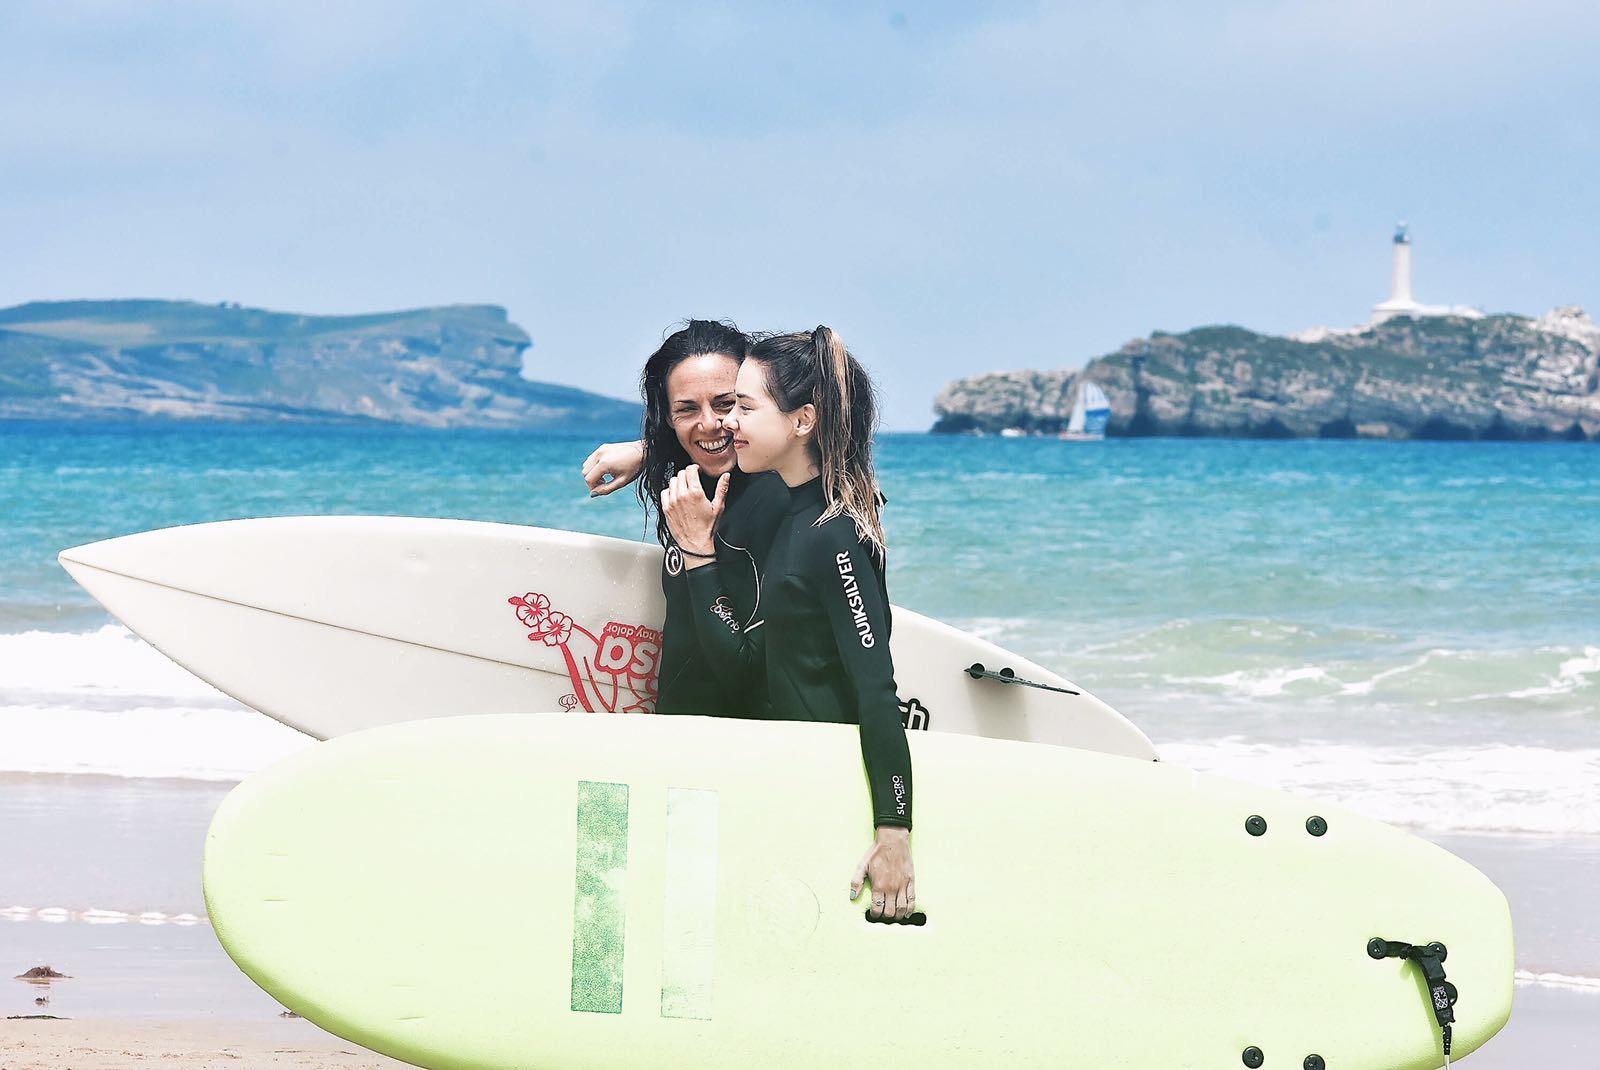 guia de viaje surf en santander surfing escuela cantabra de surf somo escapadas activas viajes naturaleza ocio deportes isabel del barrio onmytrainingshoes verano playa lawave surfhouse